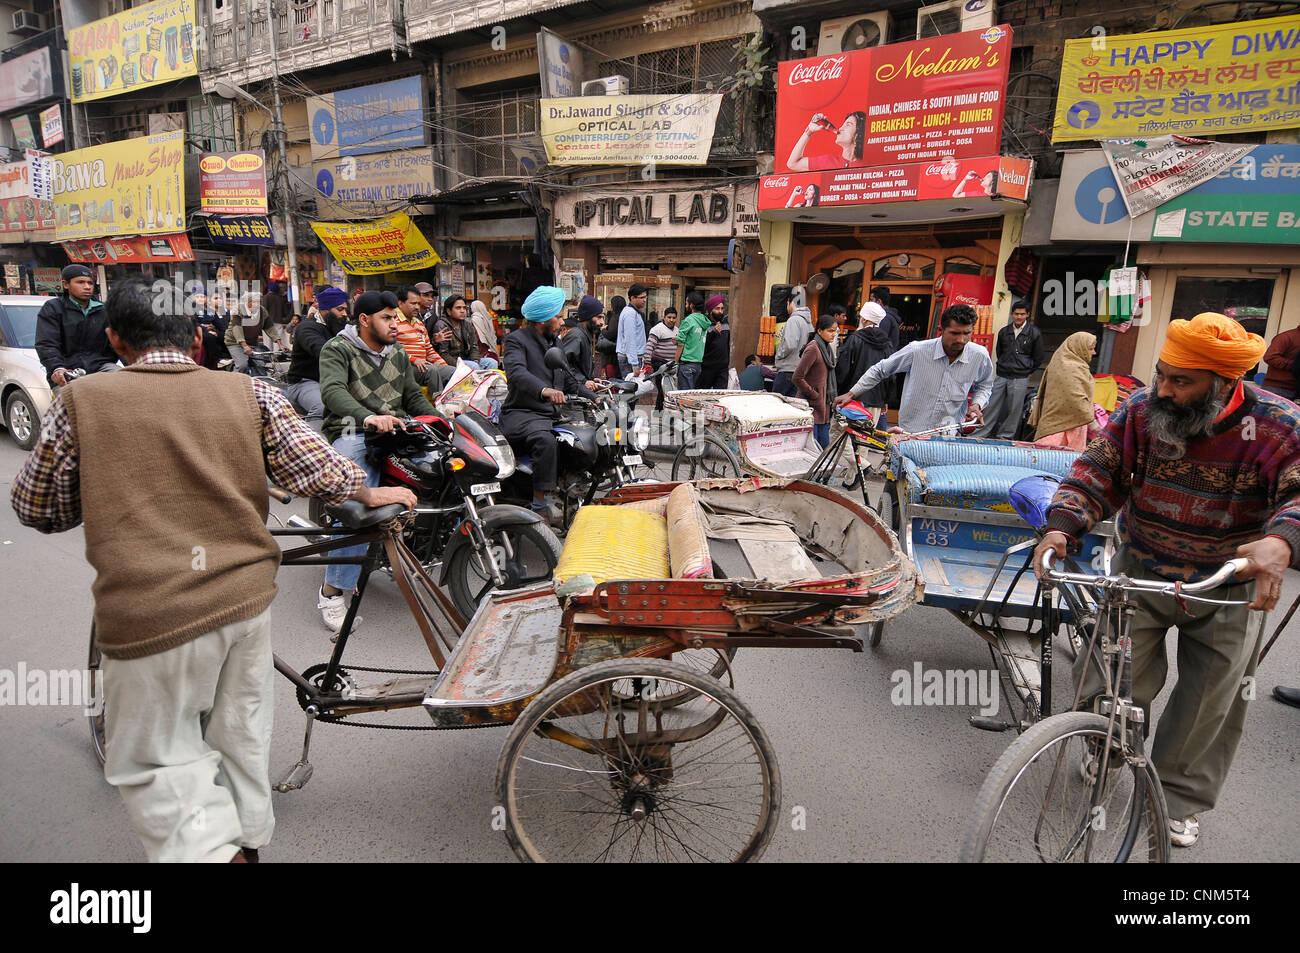 Asia India Punjab Amritsar il traffico caotico della città indiane Immagini Stock